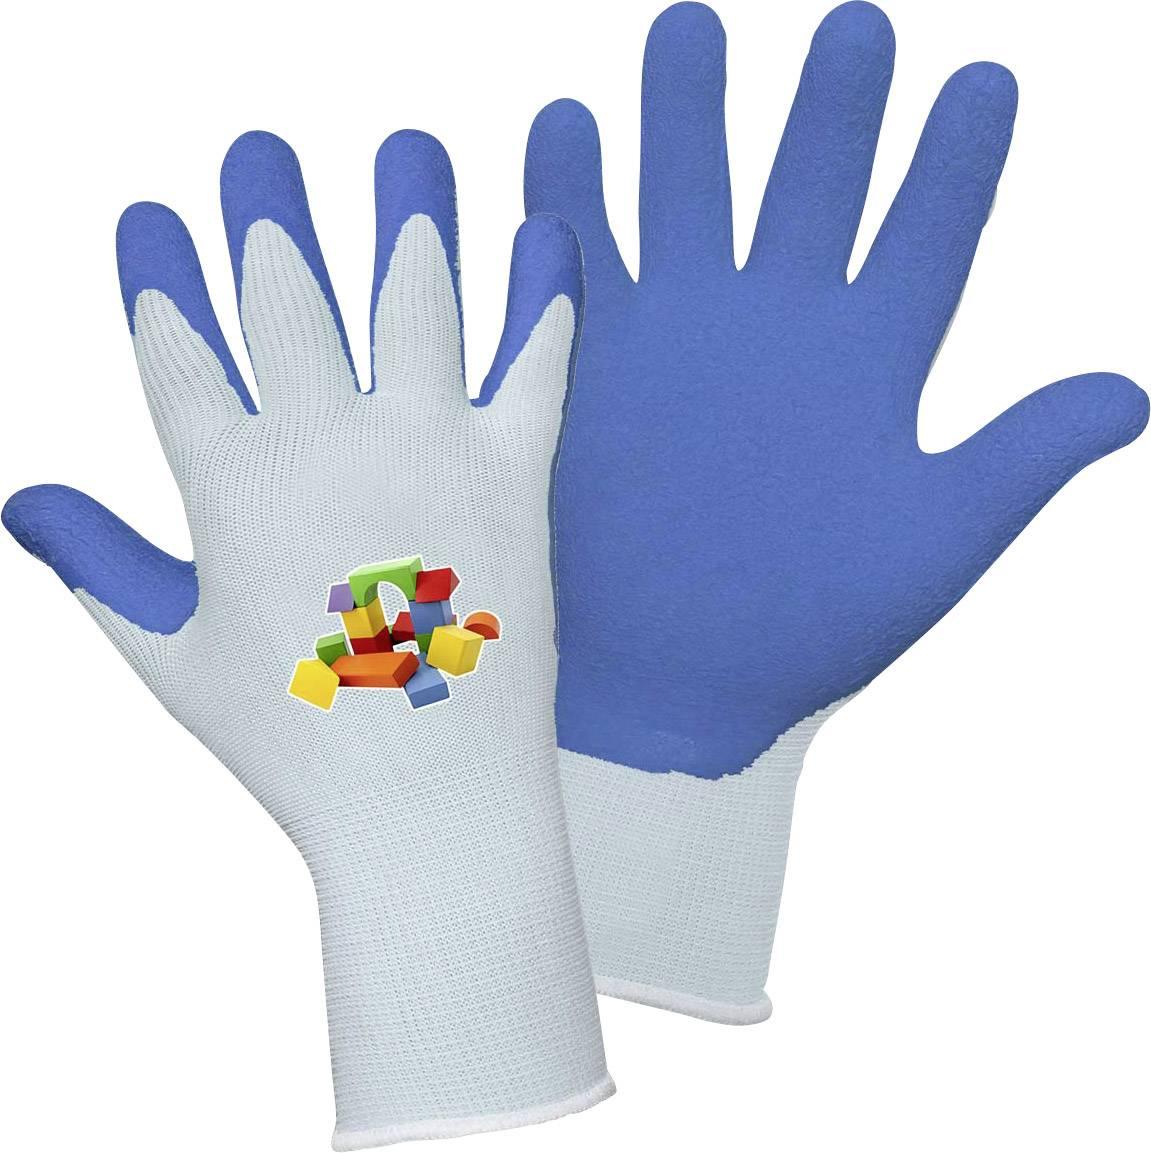 Zahradní rukavice Griffy Picco 14911, velikost rukavic: dětská